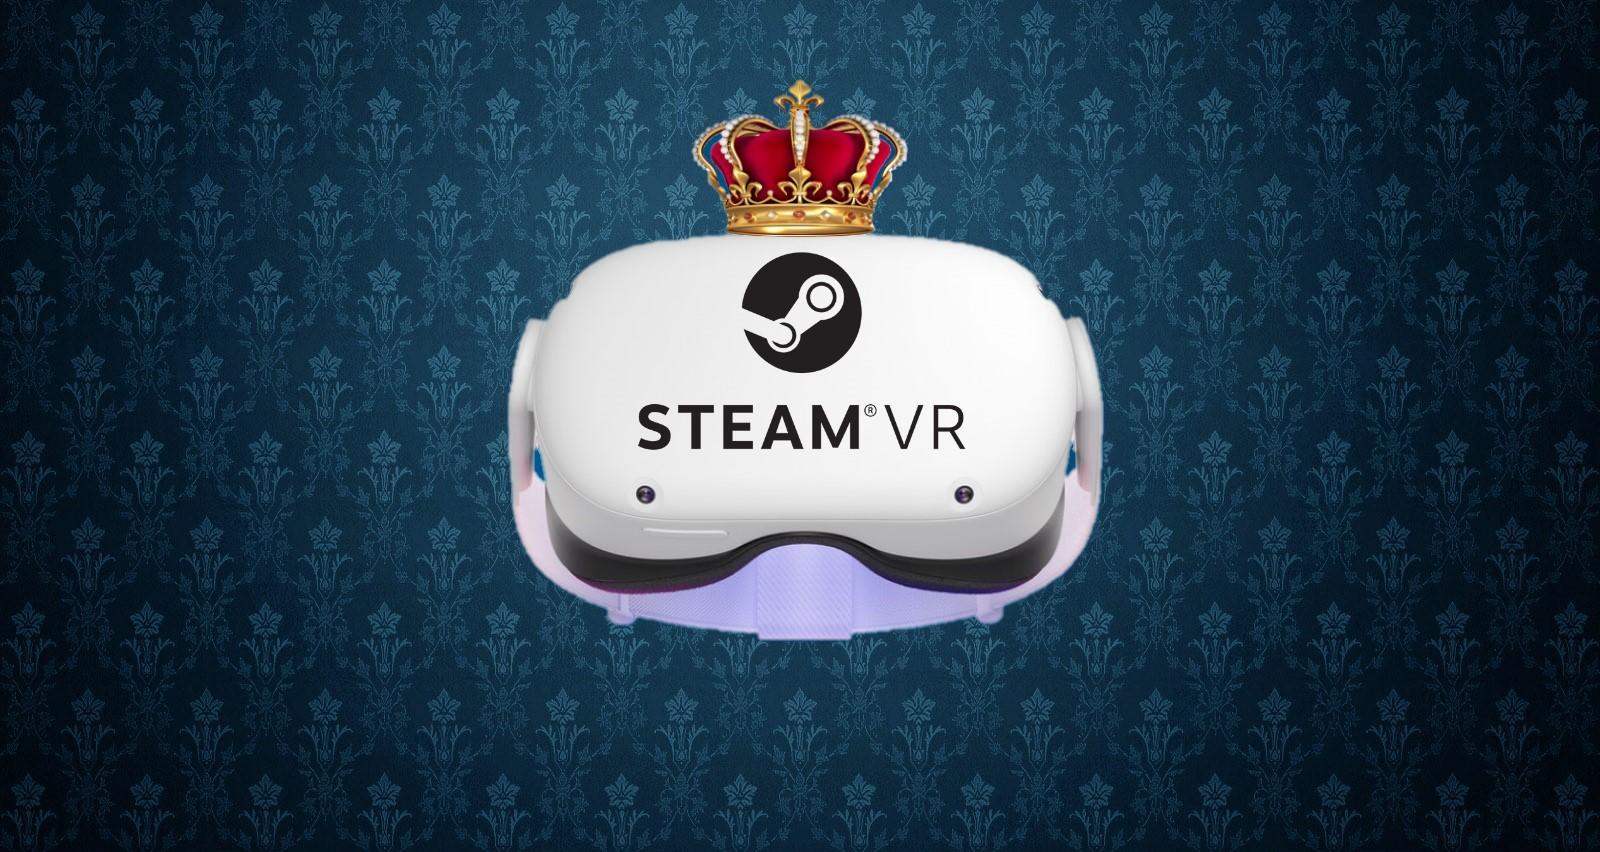 2,9 Millionen verbundene VR-Headsets auf Steam. Jedes Vierte davon ist eine Quest 2.